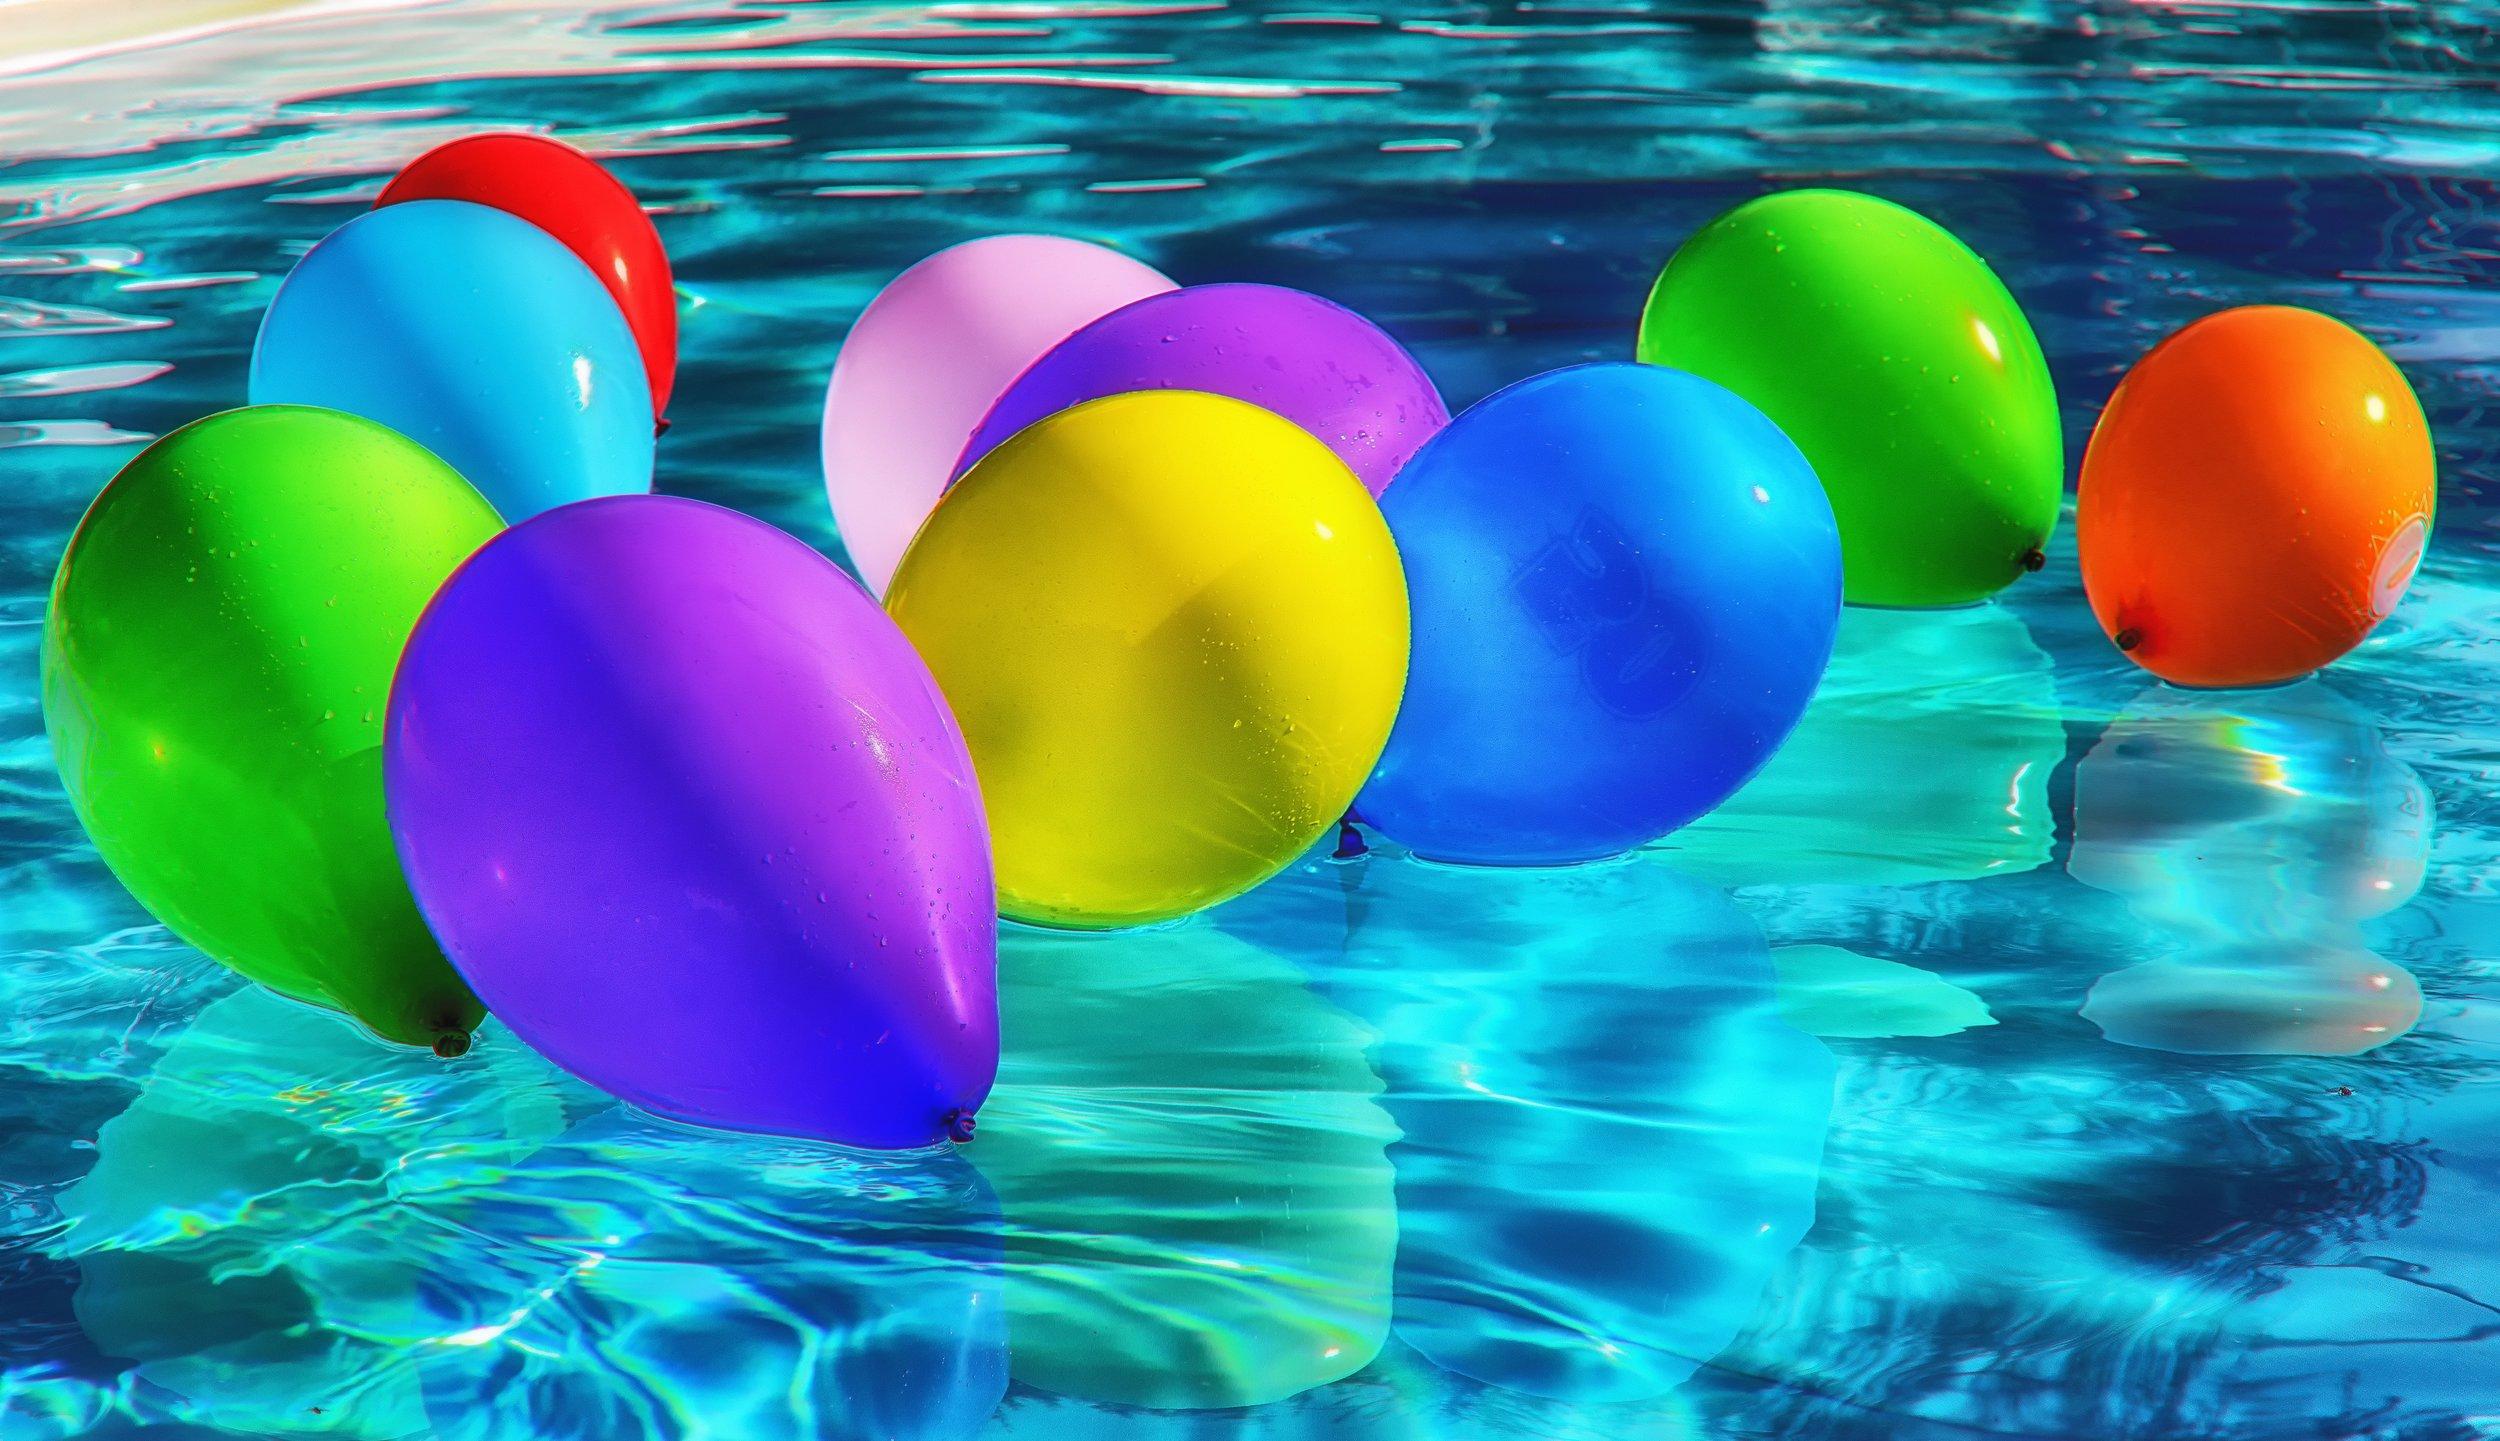 abstract-art-balloons-221361.jpg